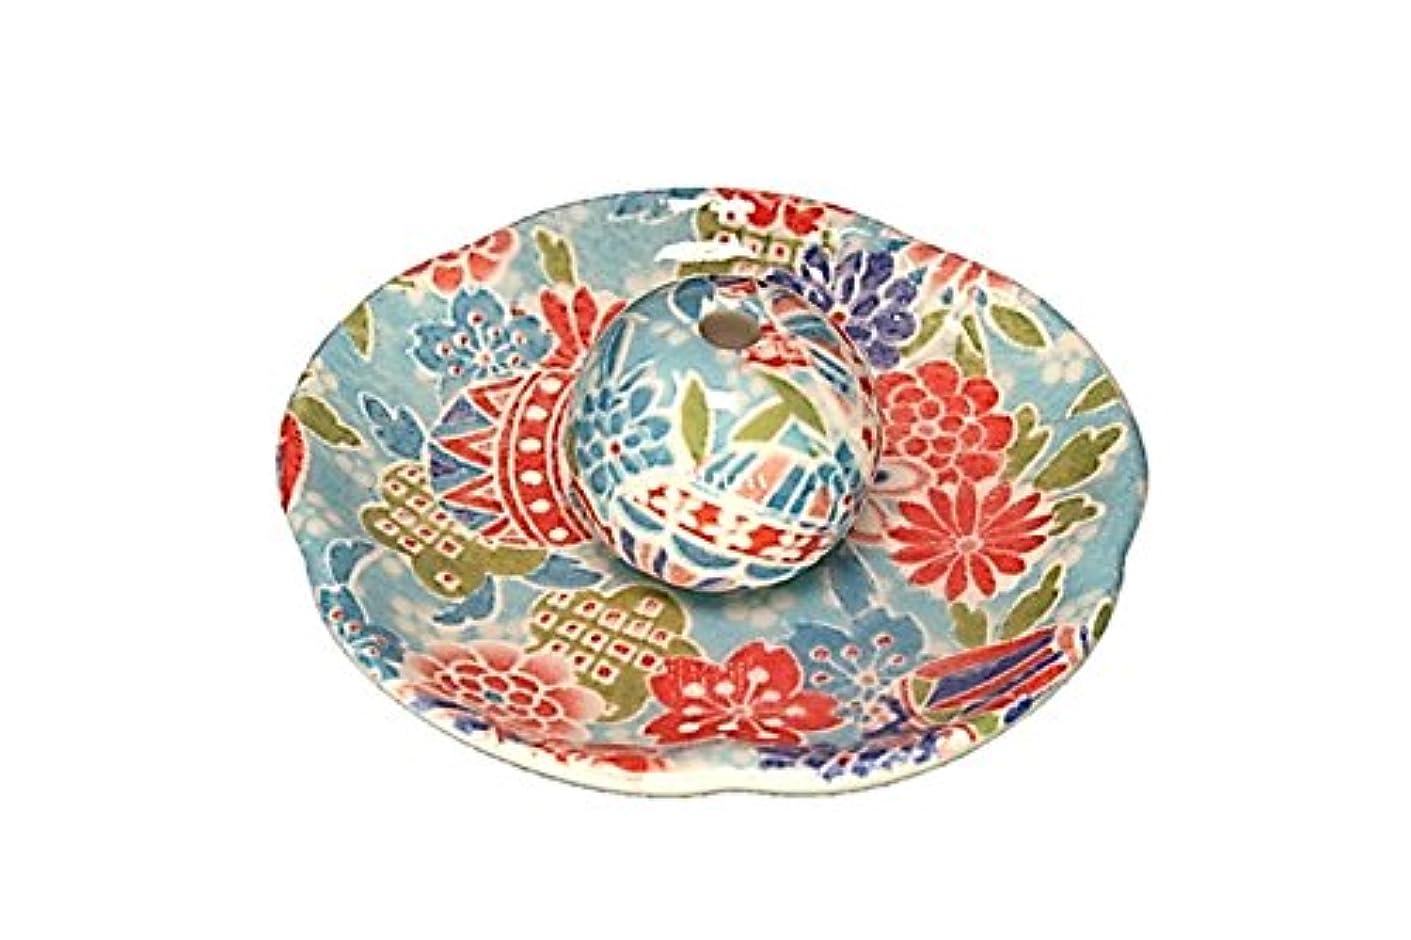 ダブル提供されたくつろぎ京雅 青 花形香皿 お香立て 日本製 製造 直売